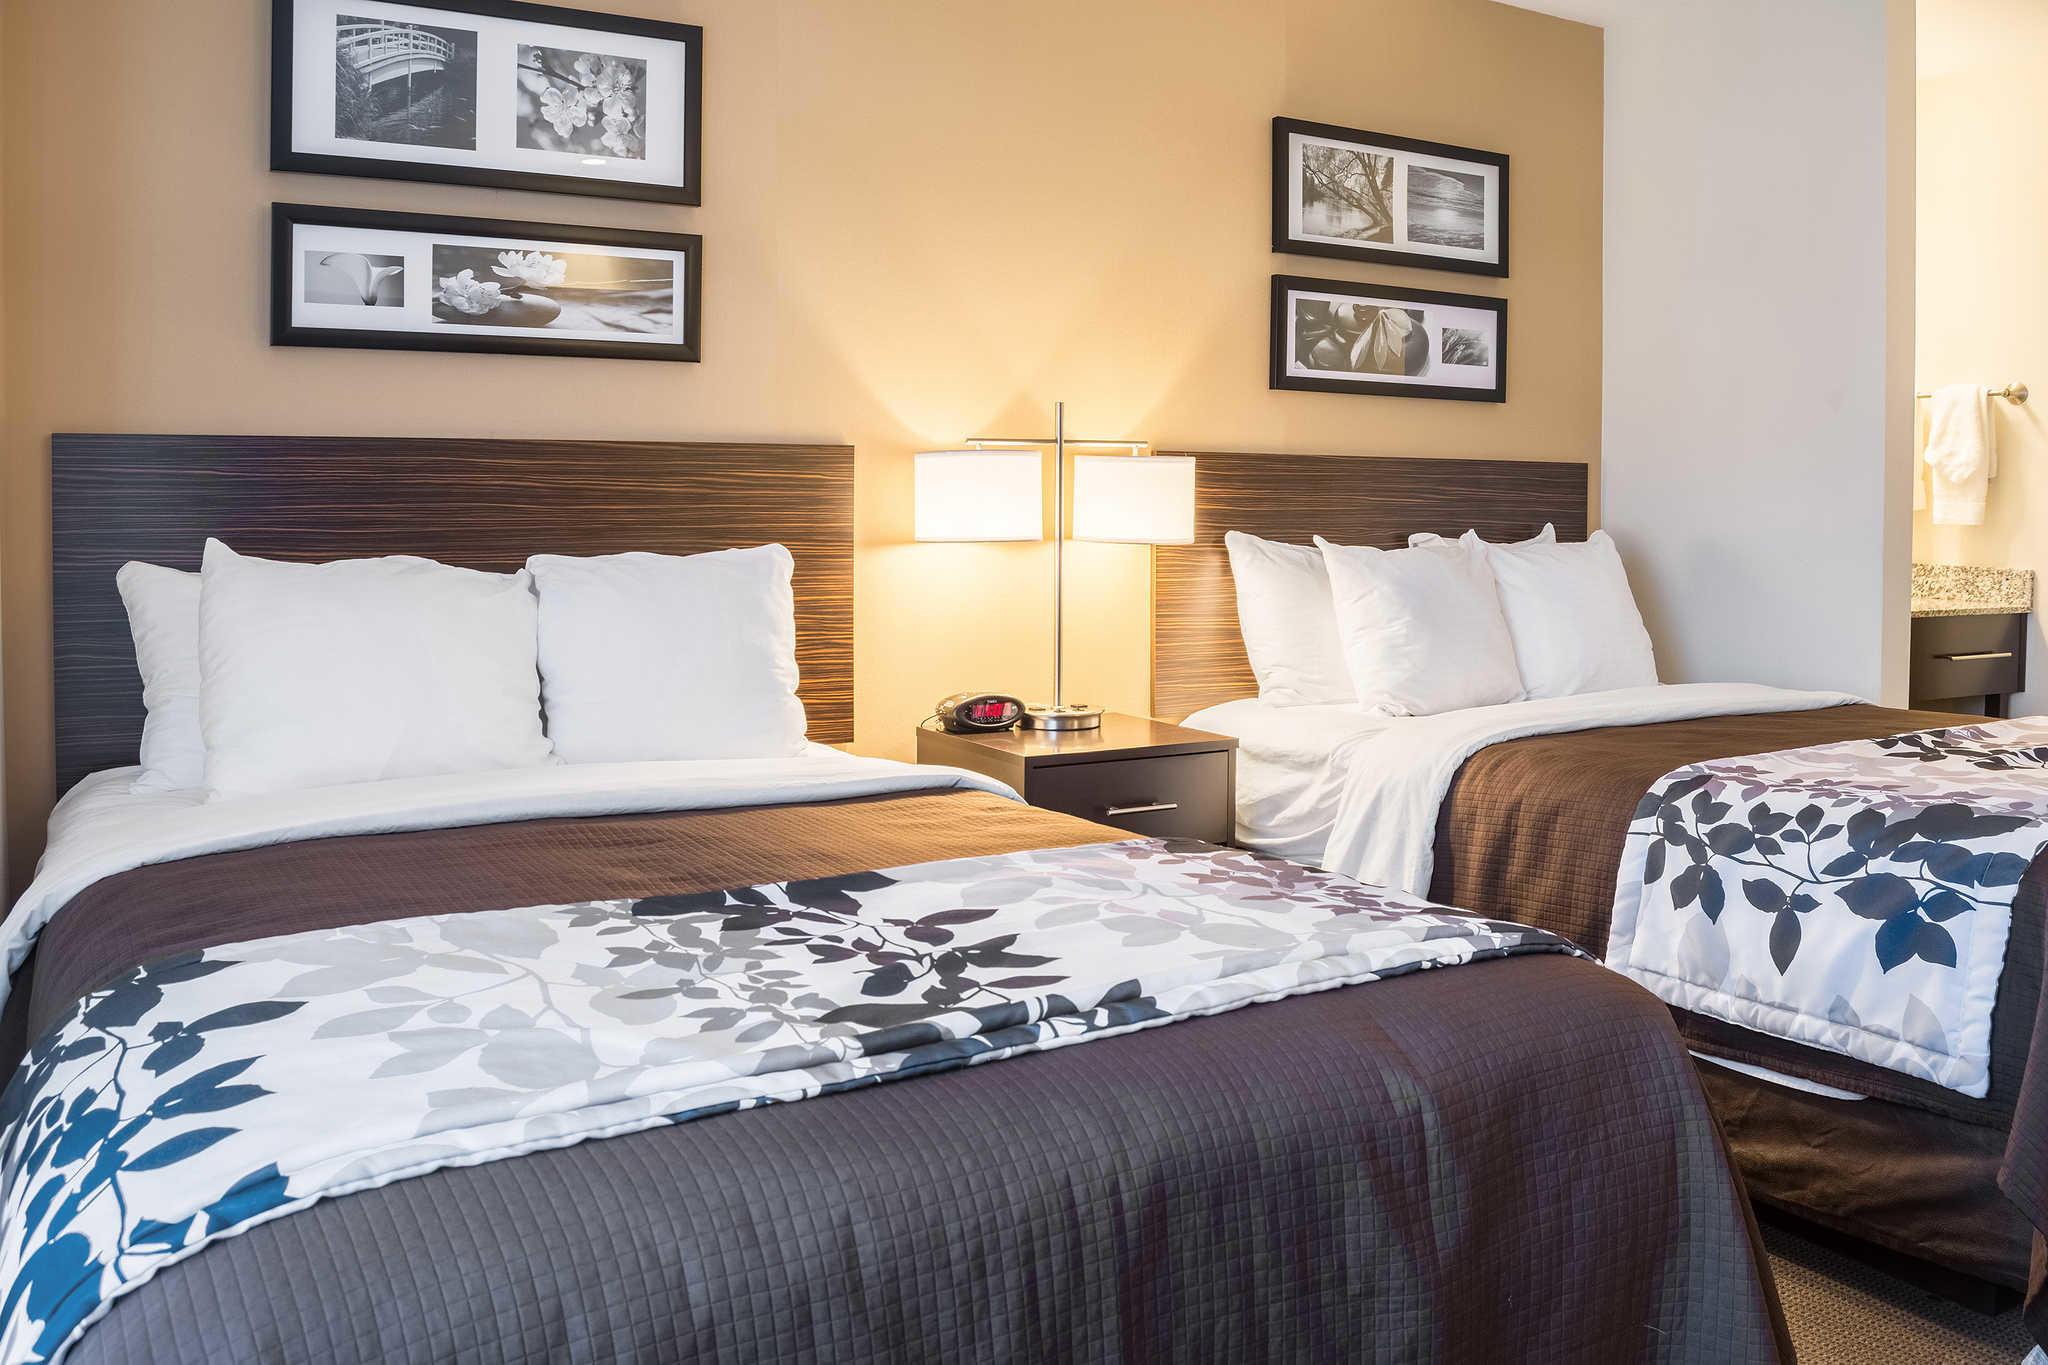 Sleep Inn image 13